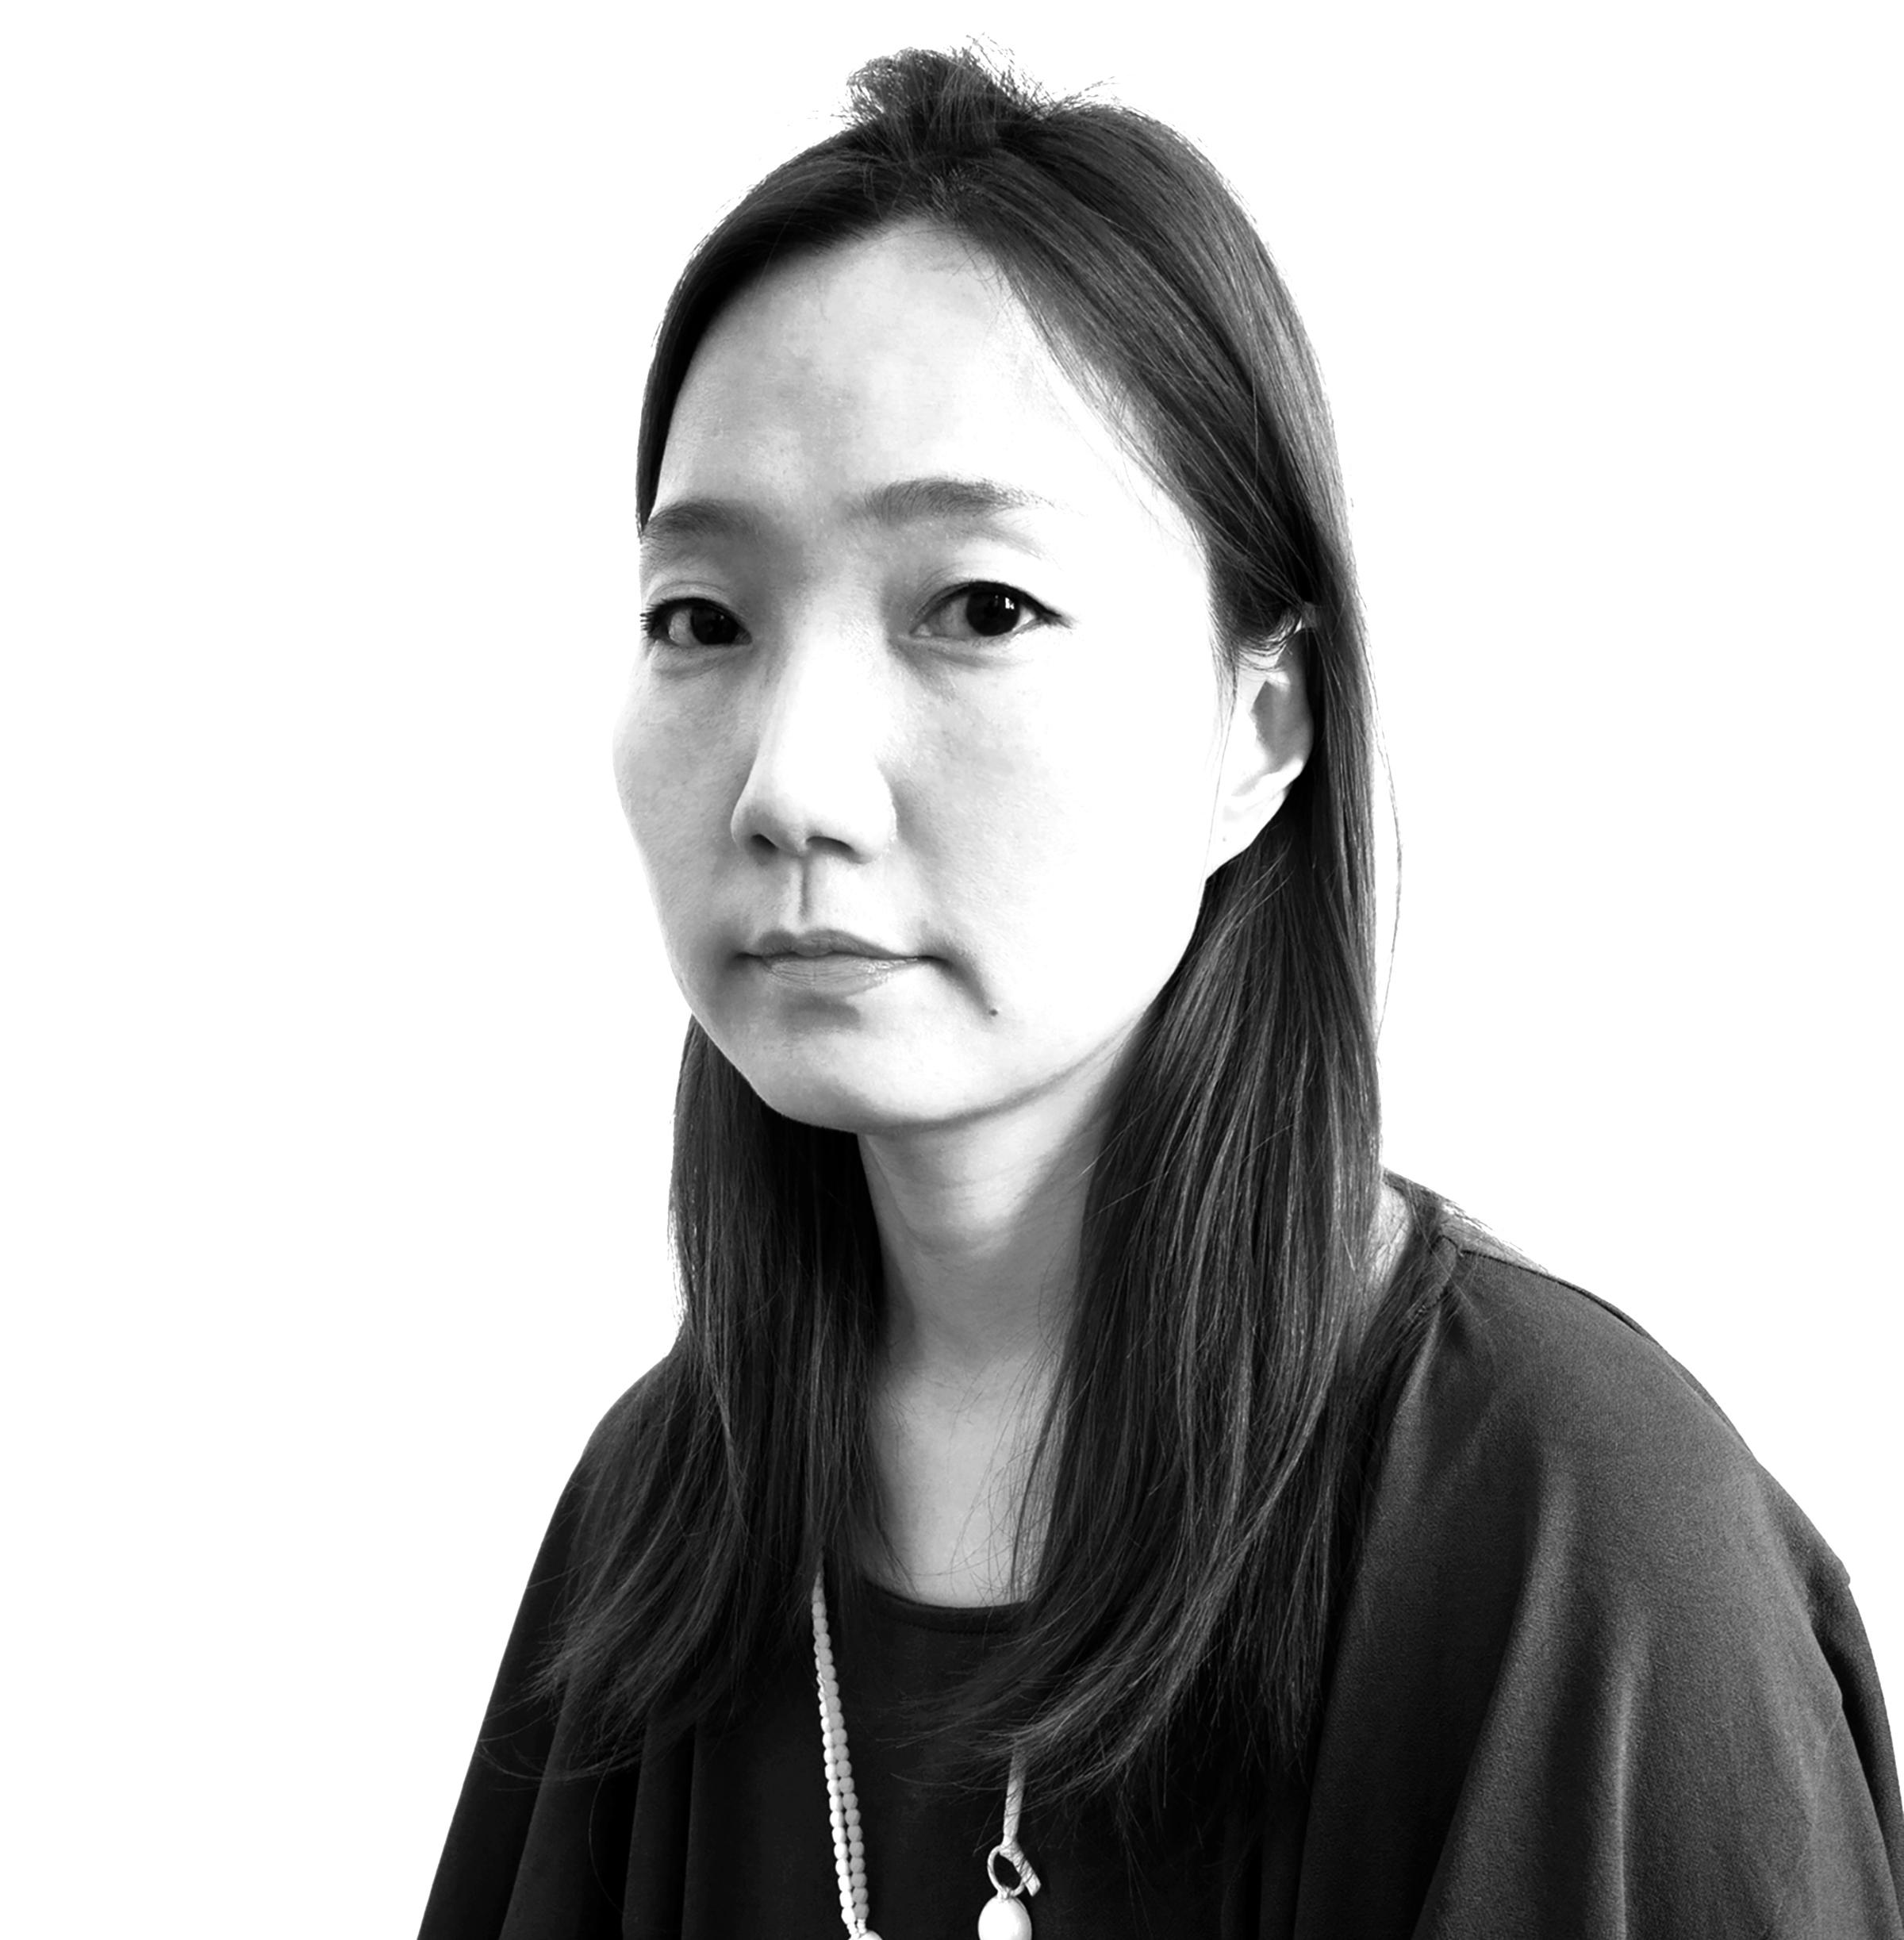 MiaKwon-portrait 2.jpg